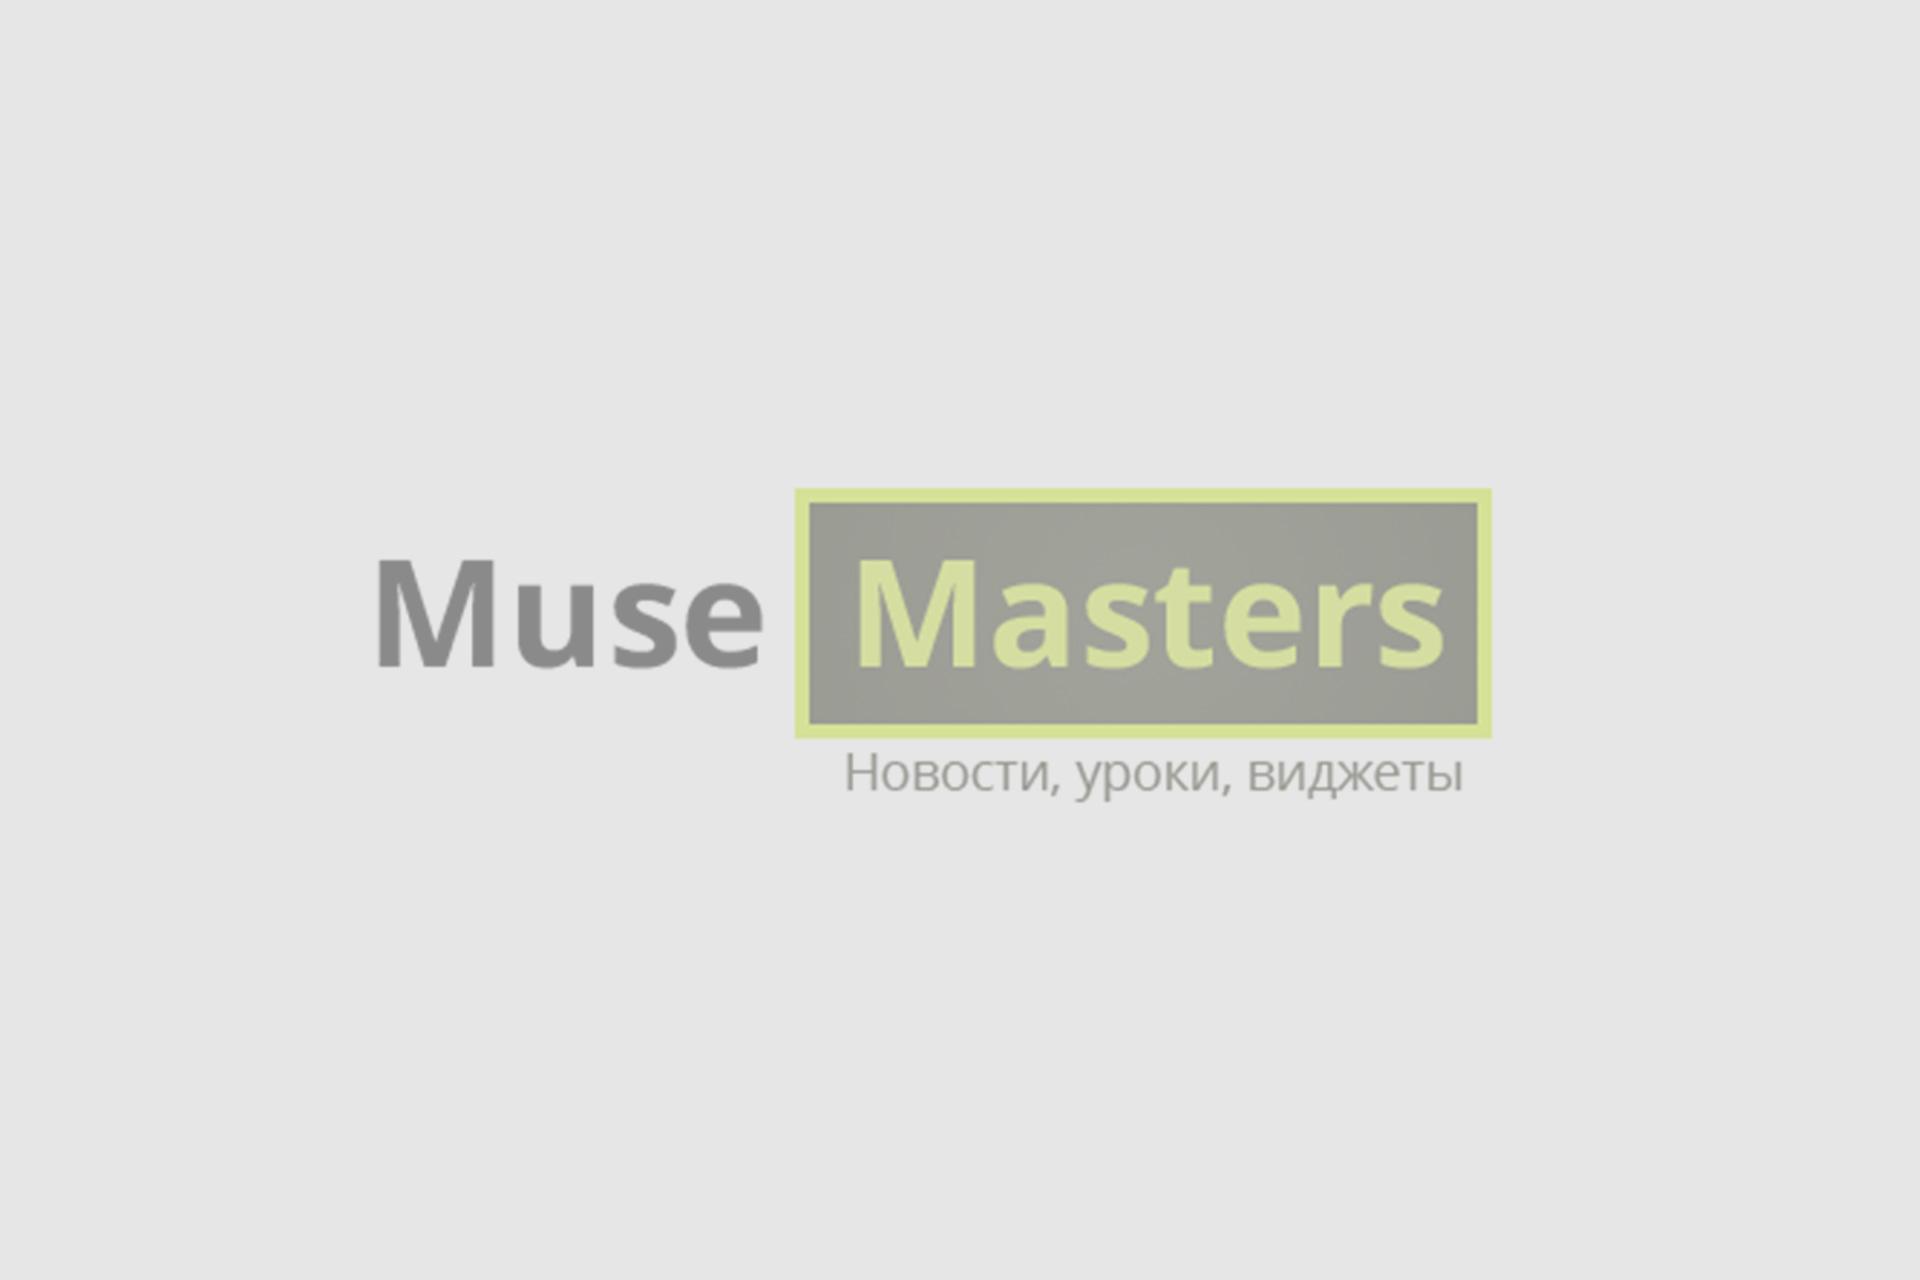 Решение: Произошел сбой предварительного просмотра в Adobe Muse